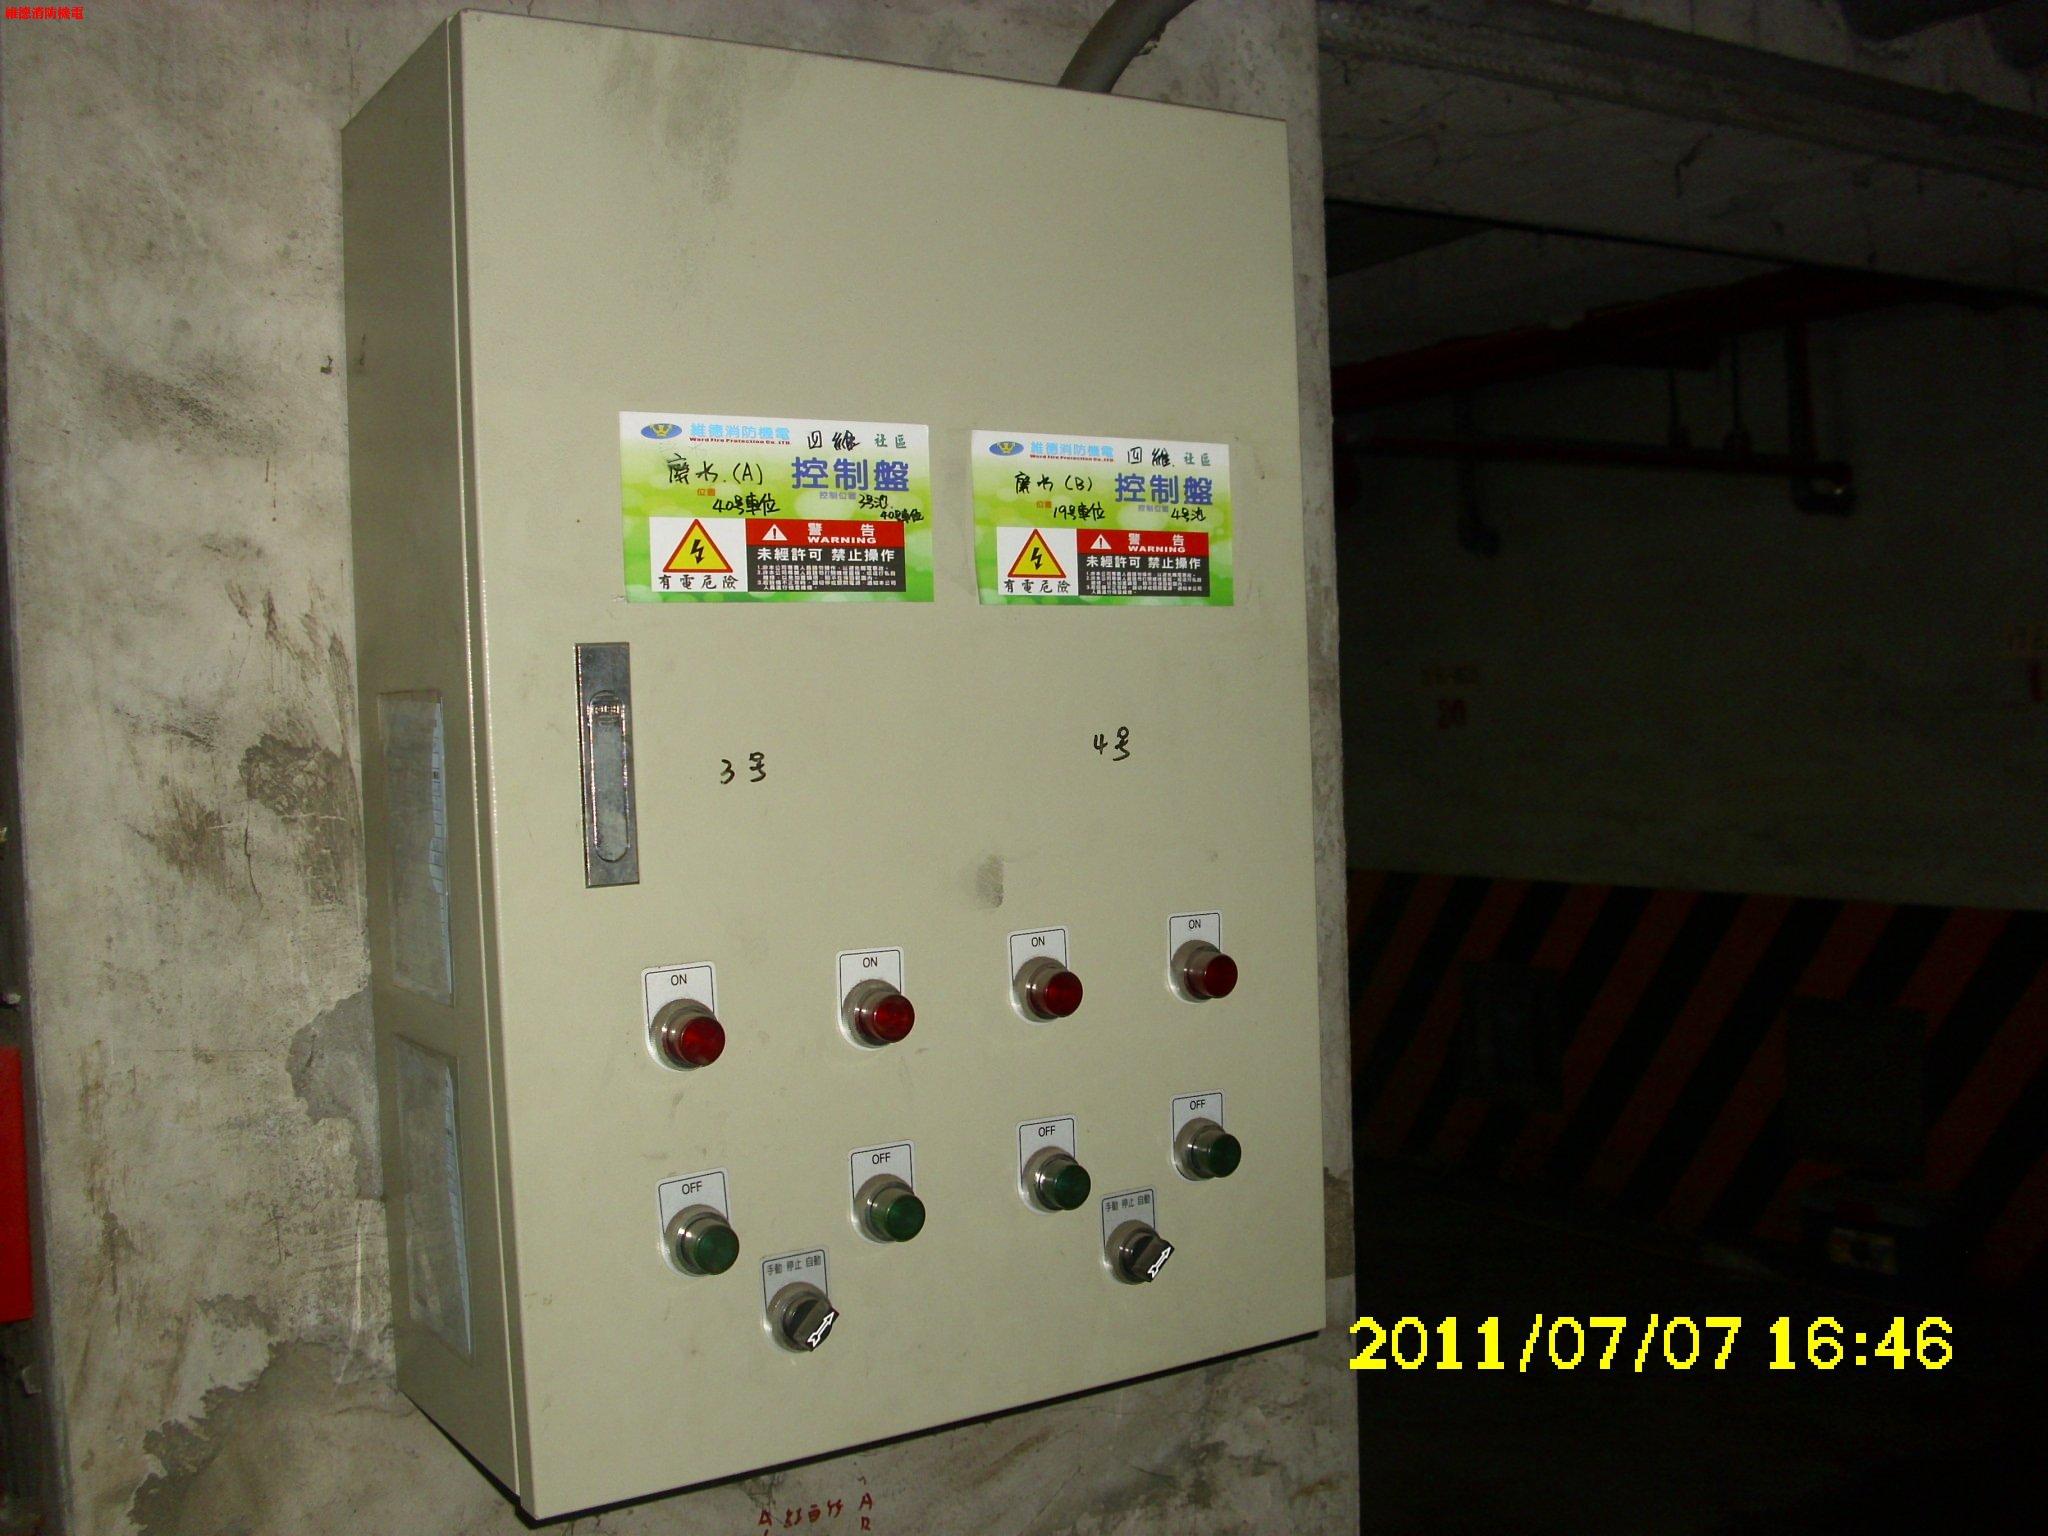 揚水控制盤標示